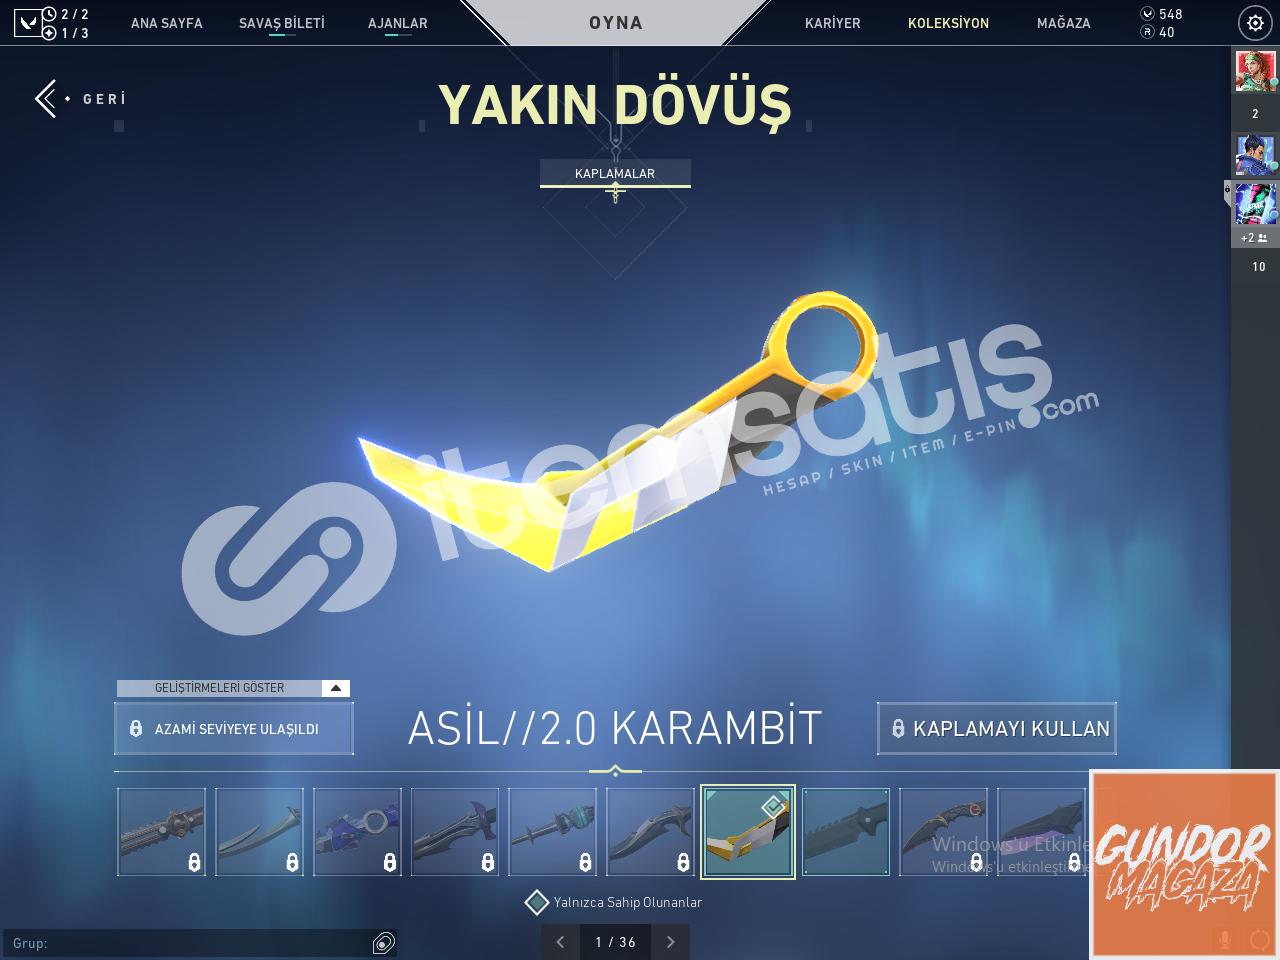 [TR] Valorant Asil 2.0 Karambit Hesap | Gümüş 2